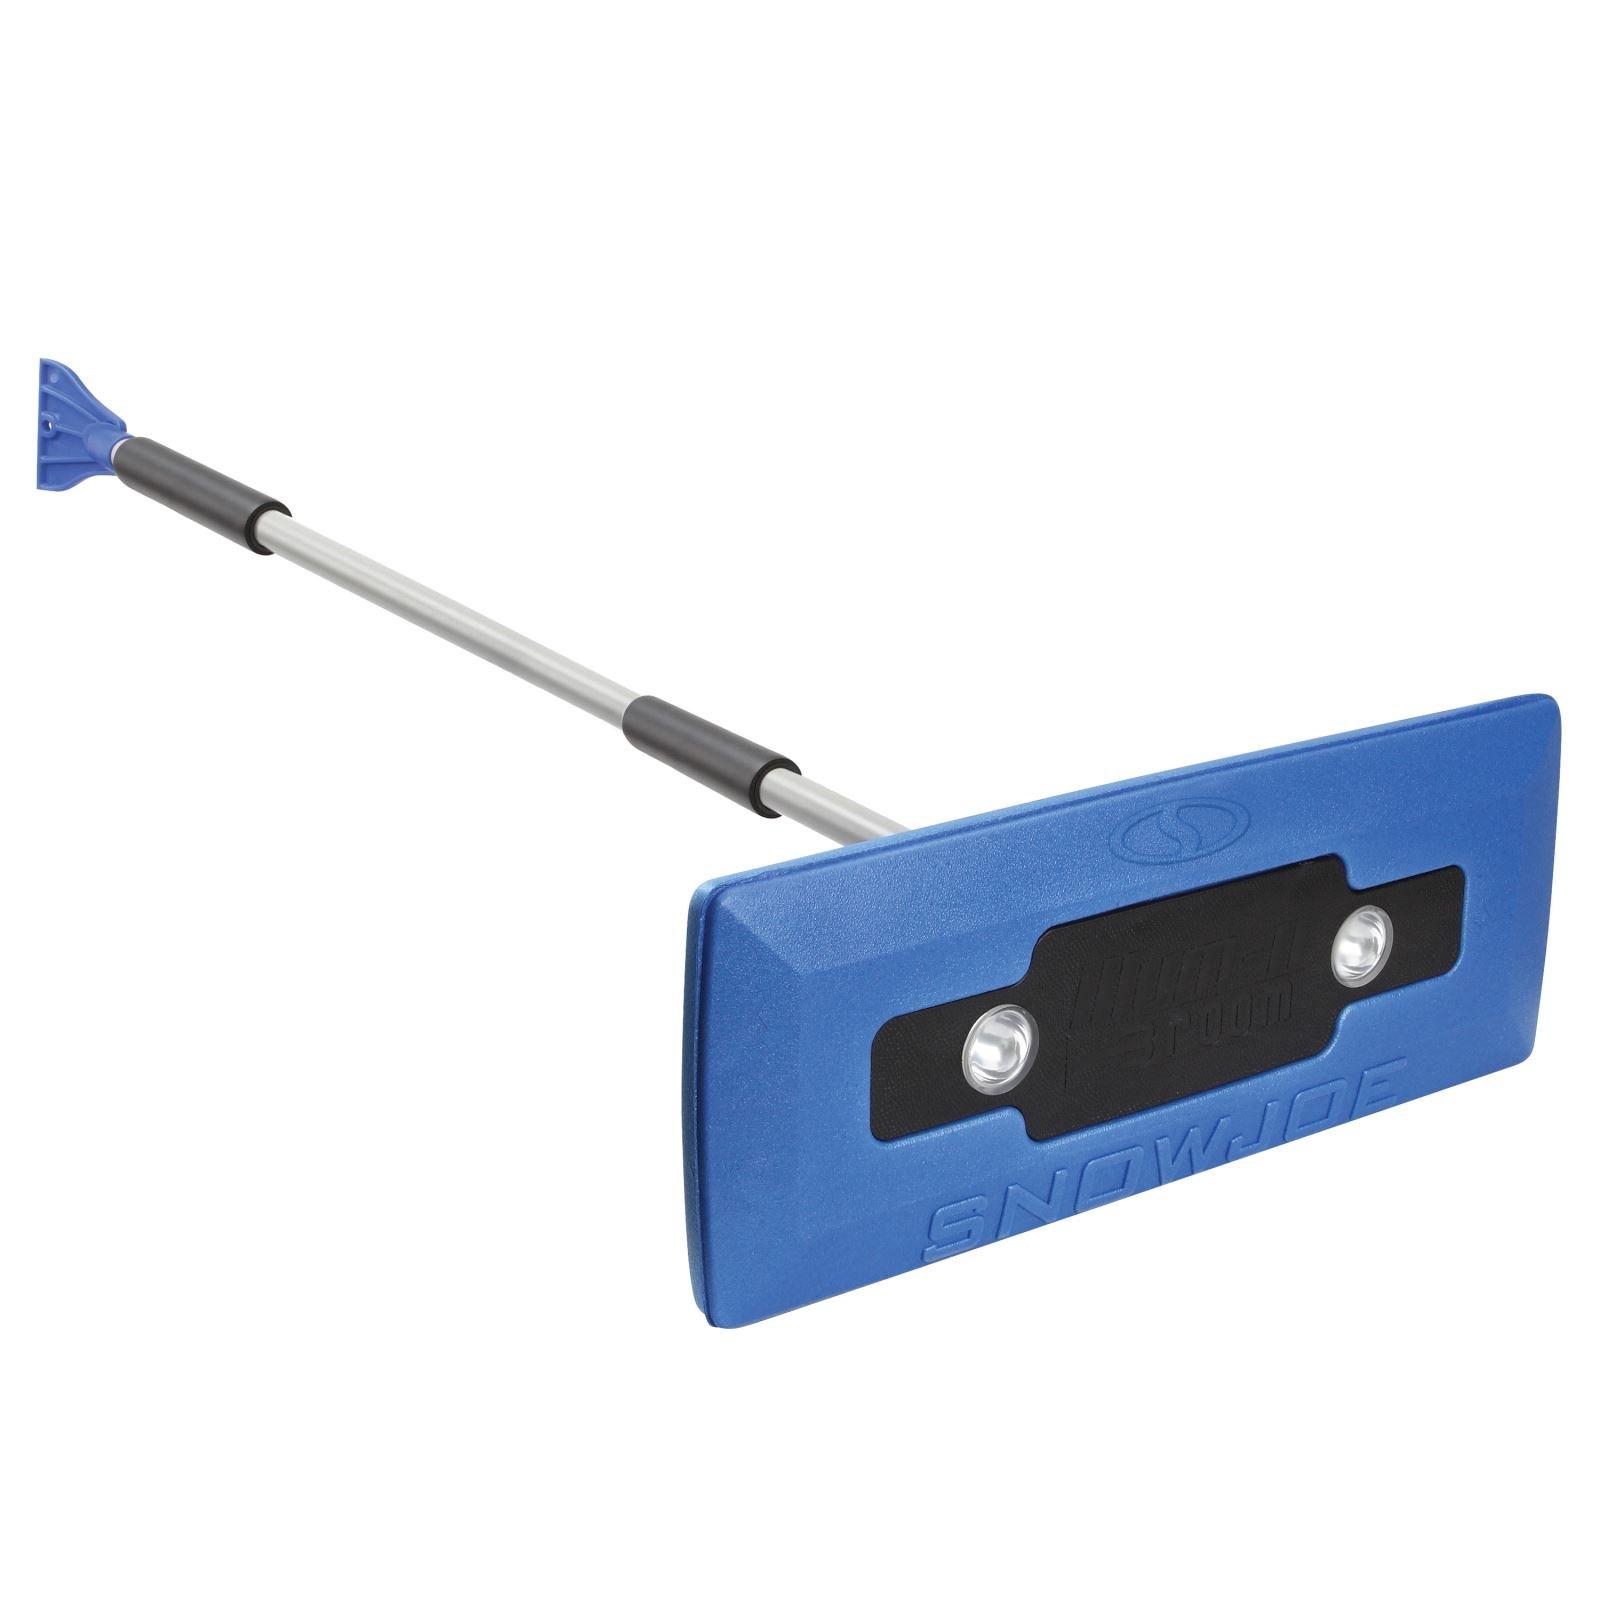 Snow Joe SJBLZD-LED 4-In-1 Telescoping Snow Broom + Ice Scraper   18-Inch Foam Head   Headlights (Blue)